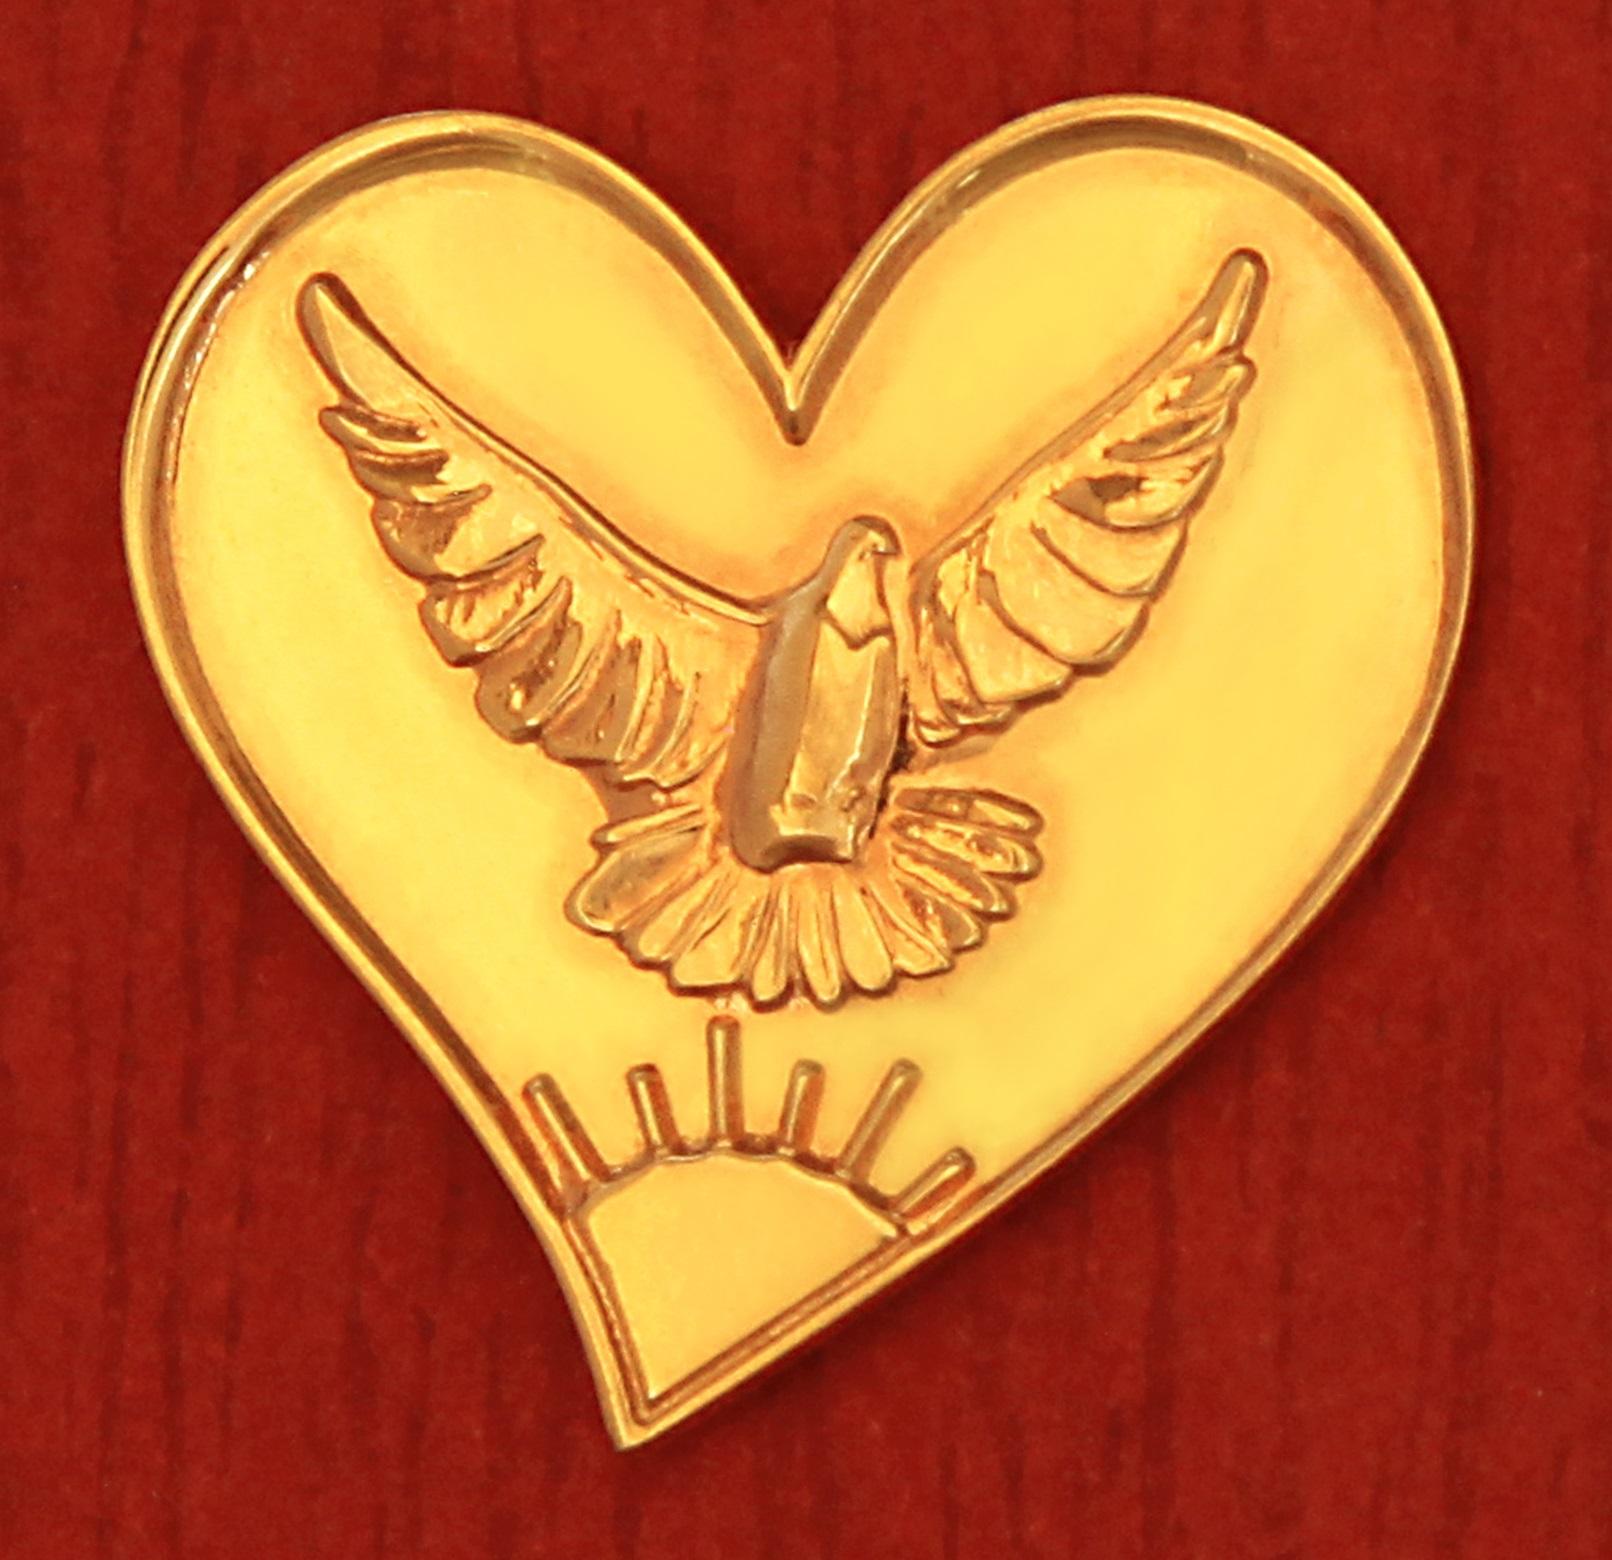 ПОСТАНОВА «ПРО ЗАСНУВАННЯ ВСЕУКРАЇНСЬКИХ ЗНАКІВ «ЗОЛОТЕ СЕРЦЕ» І ТА ІІ СТУПЕНІВ